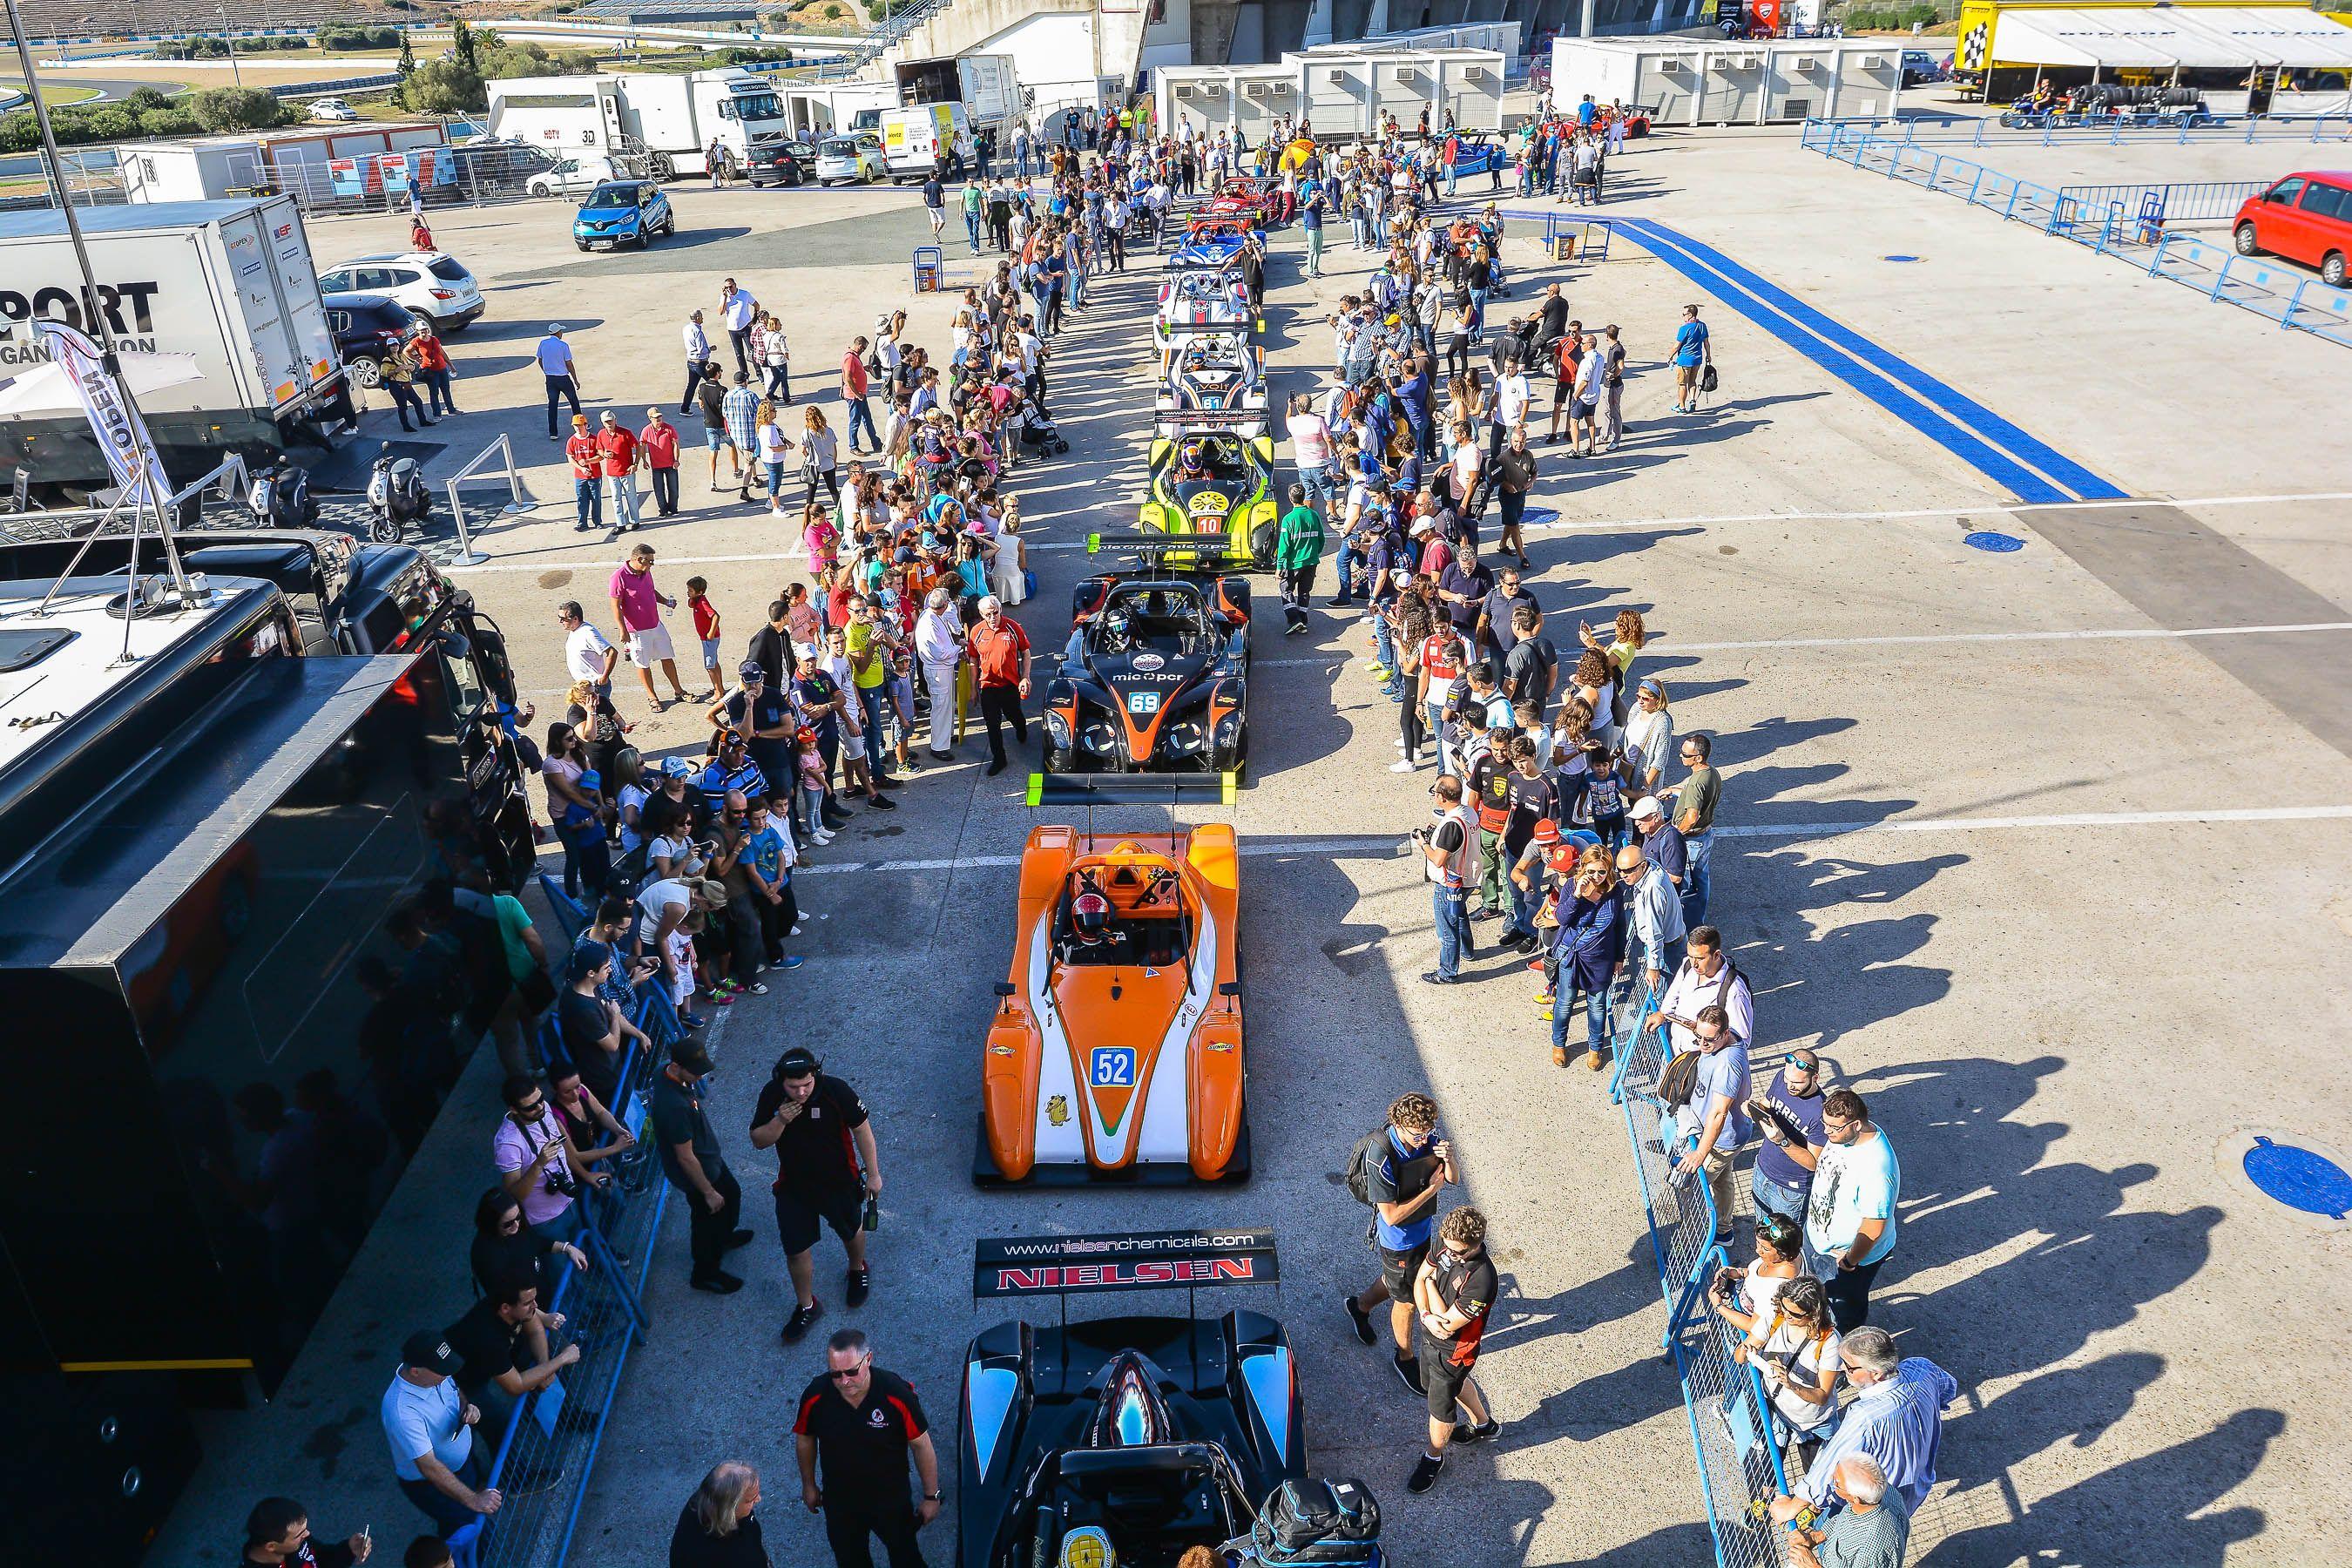 Gran Ambiente en el circuito de Jerez | Christian Cantizano para MIRA Jerez